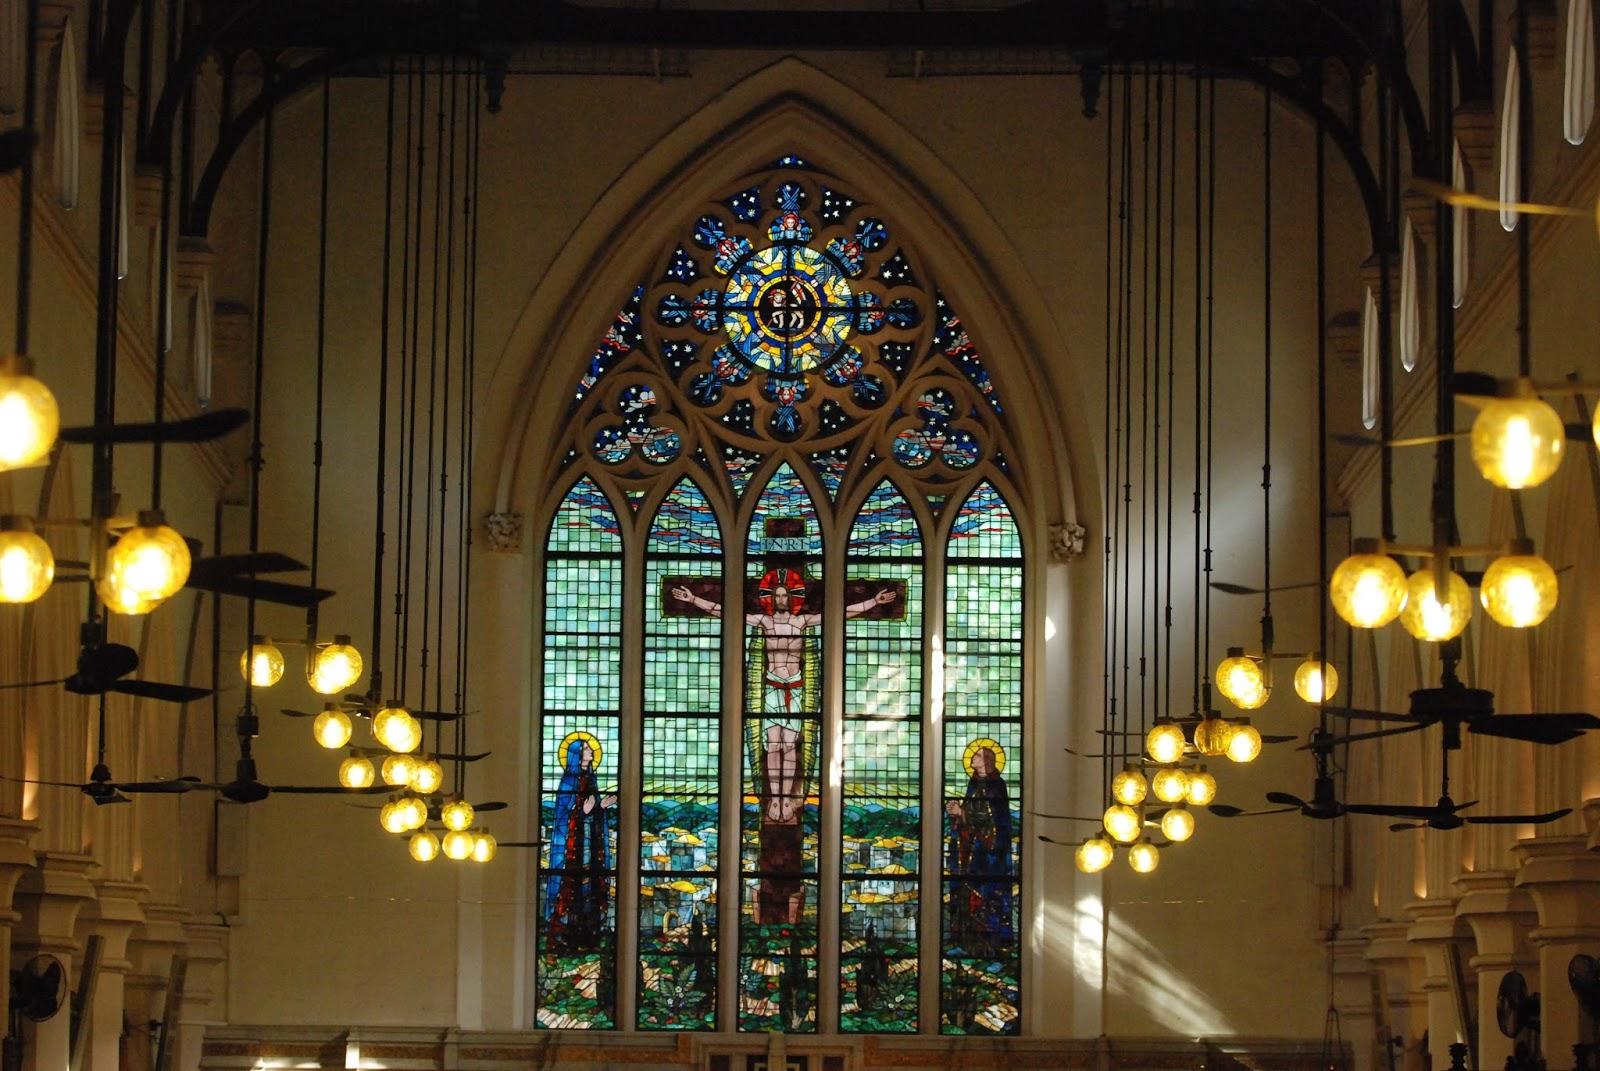 香港的浪漫建築 - 本地歷史教堂建築   拍拖好去處